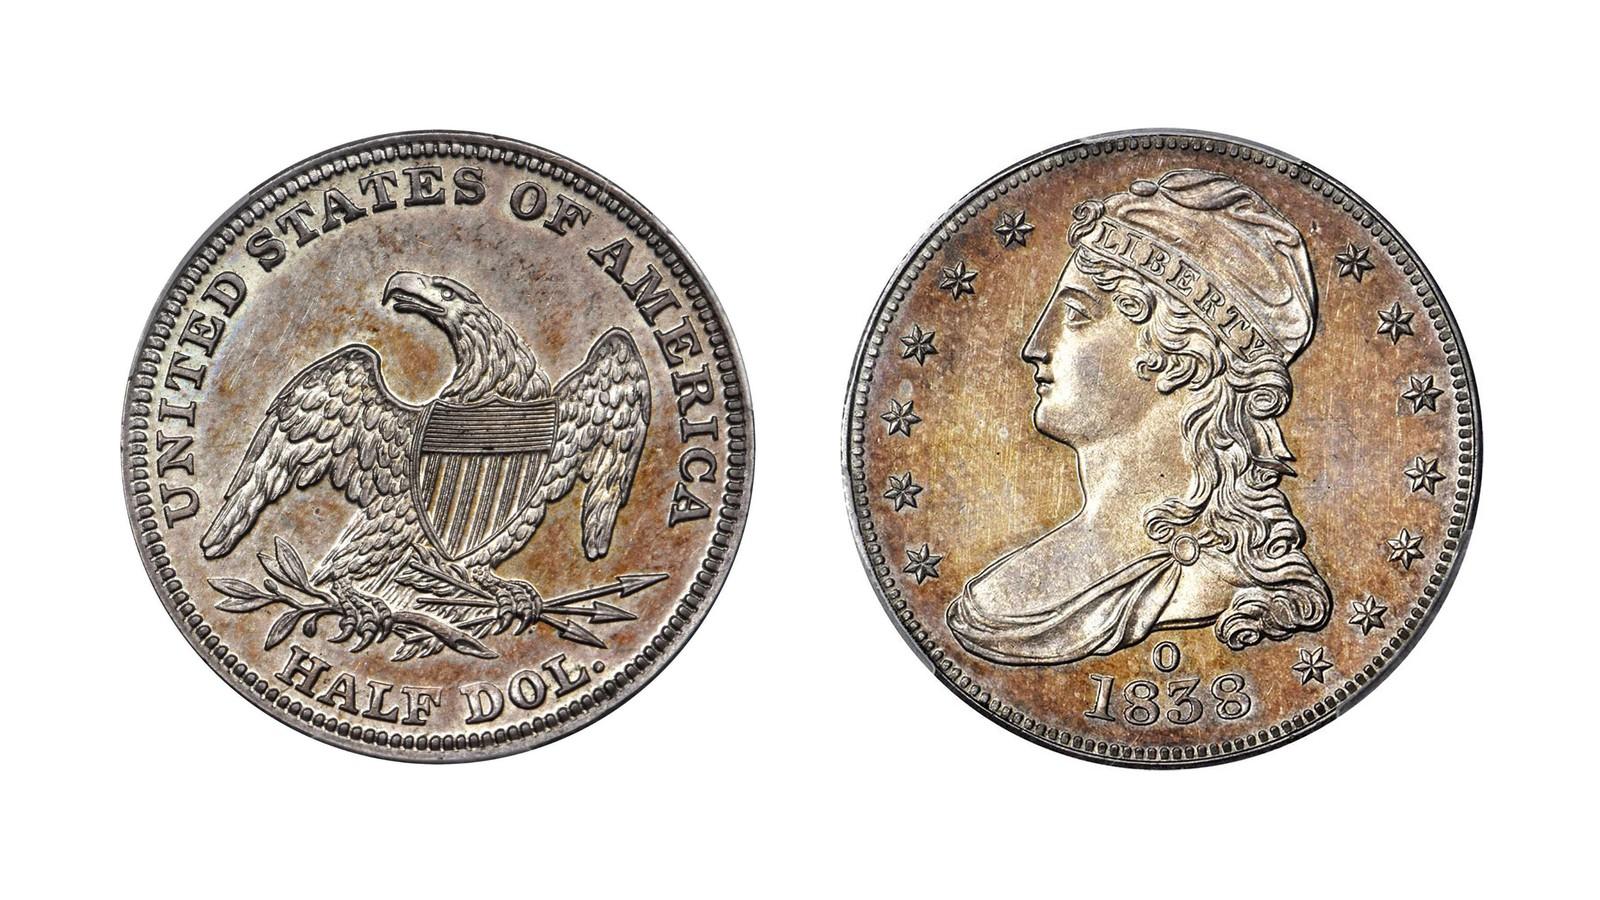 Rare half dollar coin sells for $504,000 - CNN Style